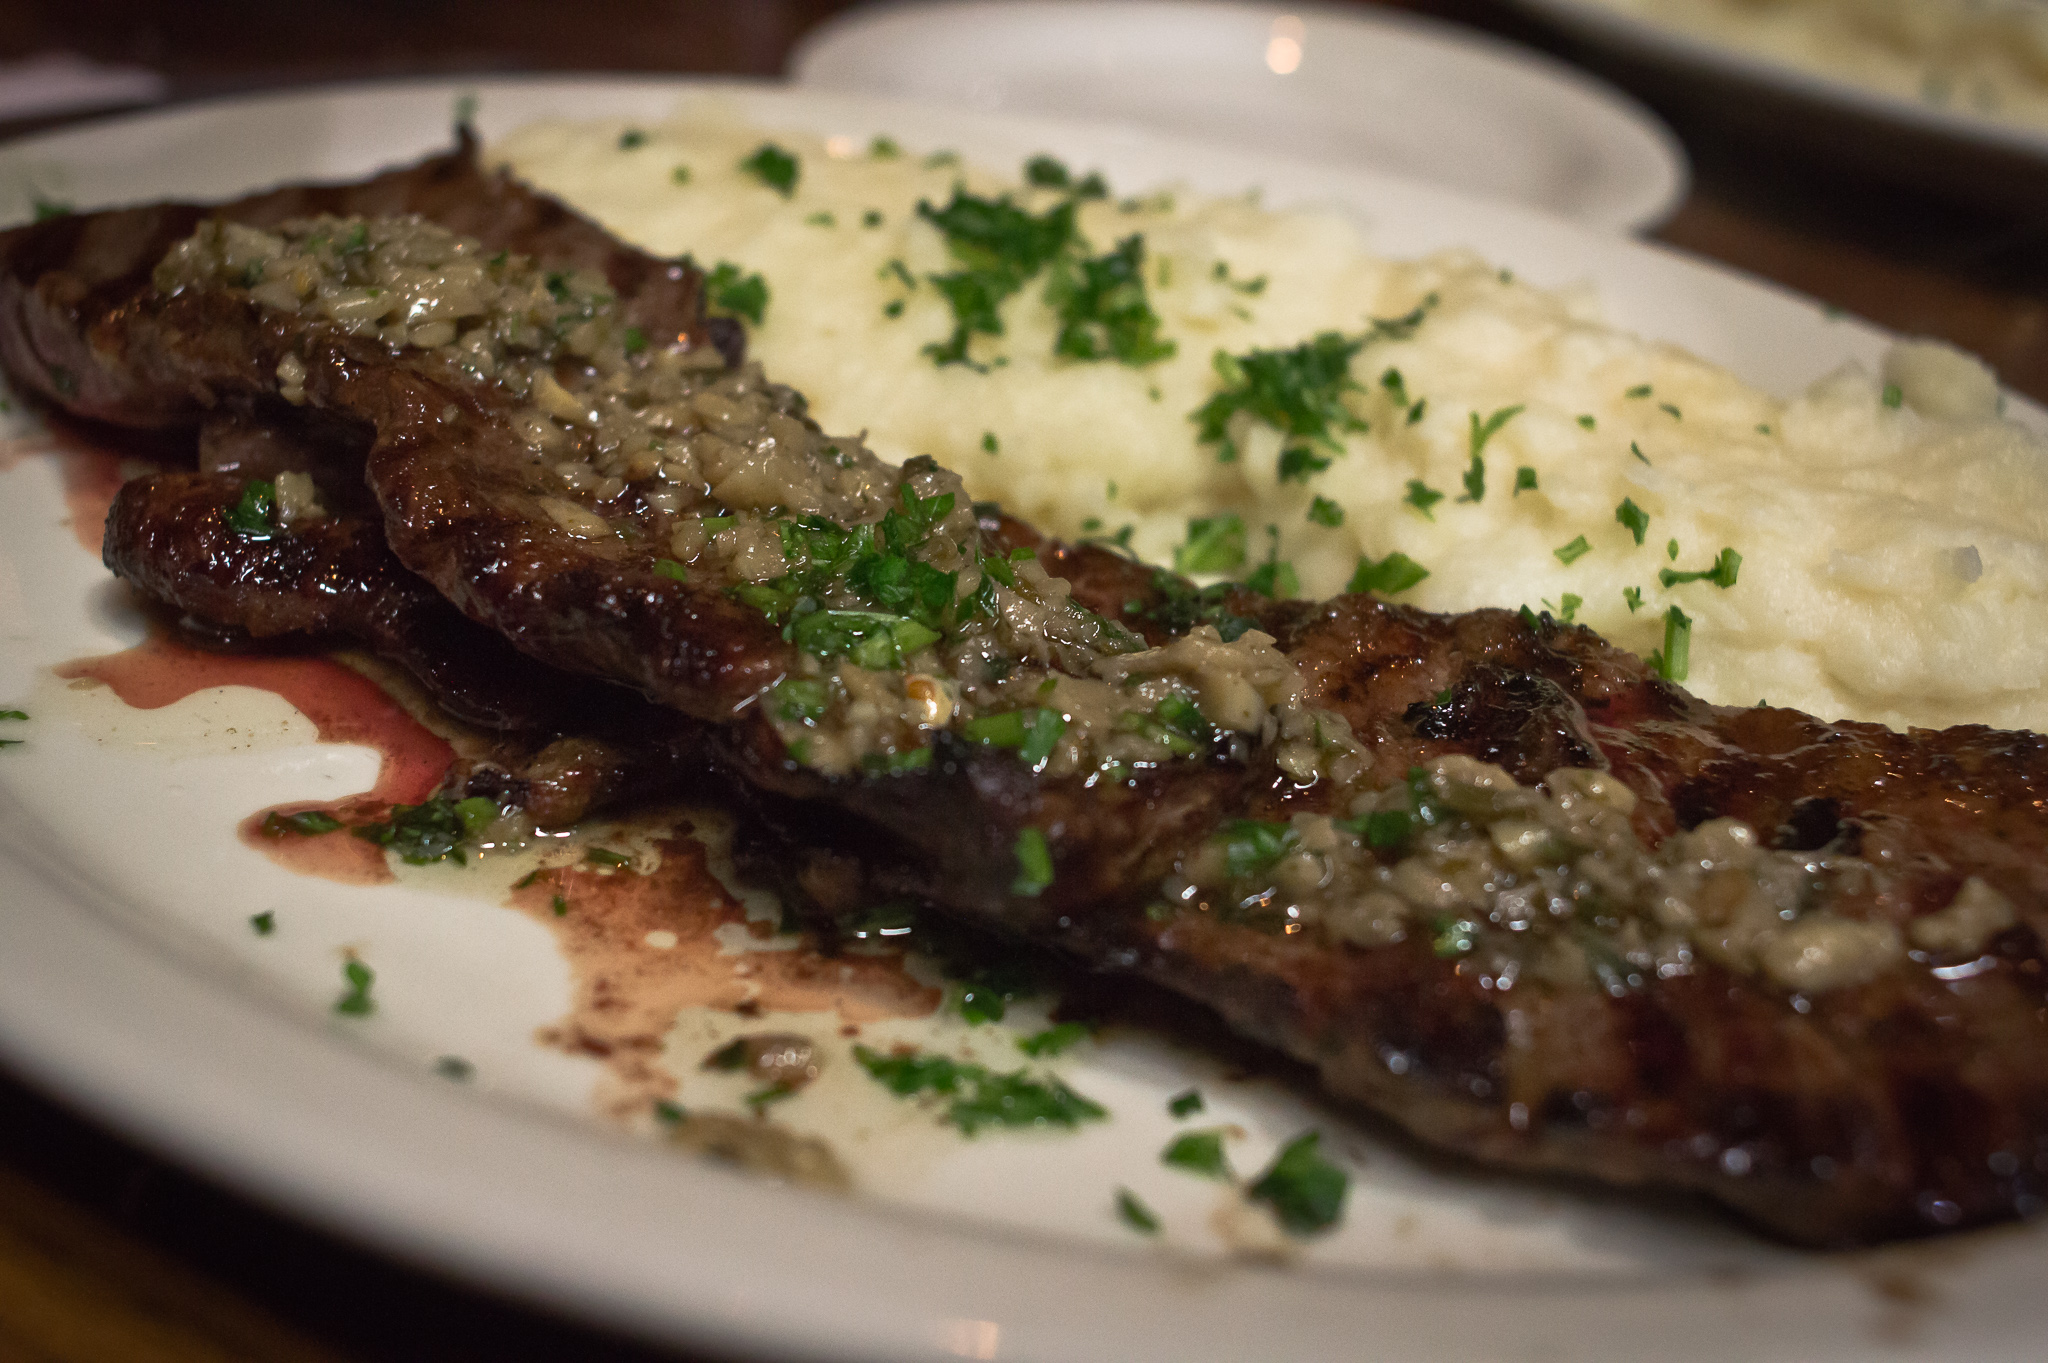 Delicious Argentine Steak